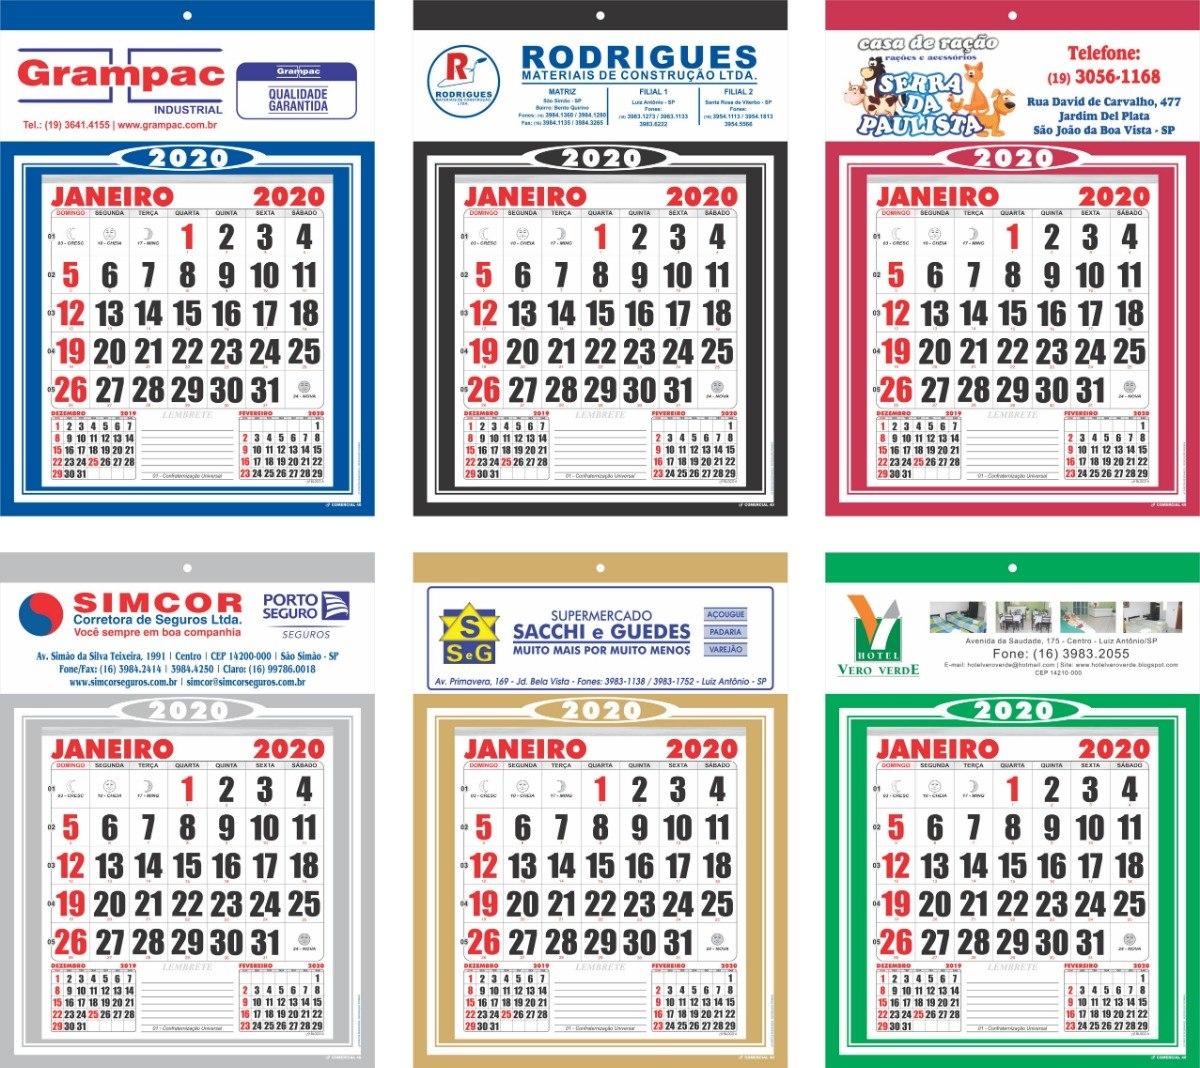 Calendario 2020 Pdf Brasil.200 Calendarios Folhinhas 2020 Personalizada Comercial 27x37